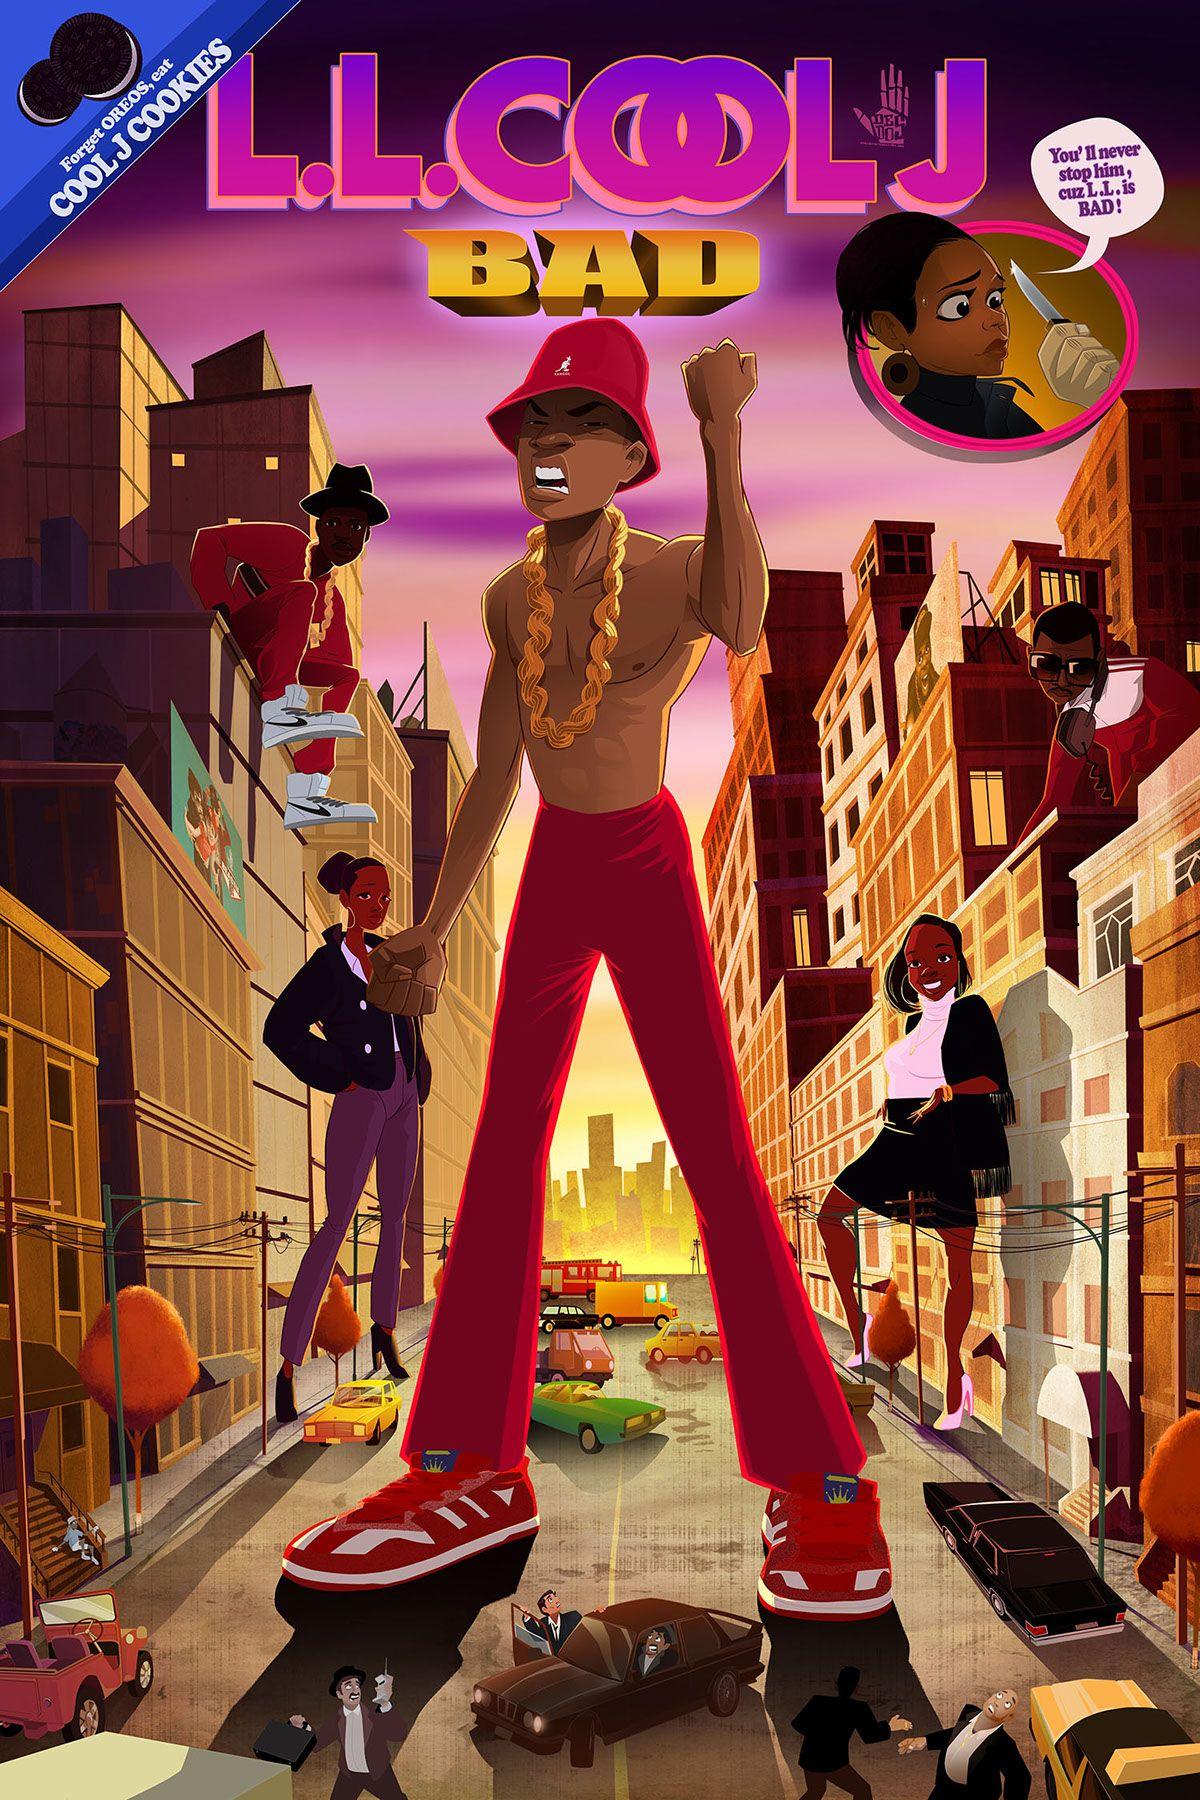 BAD on Behance in 2020 Hip hop artwork, Hip hop art, Hip